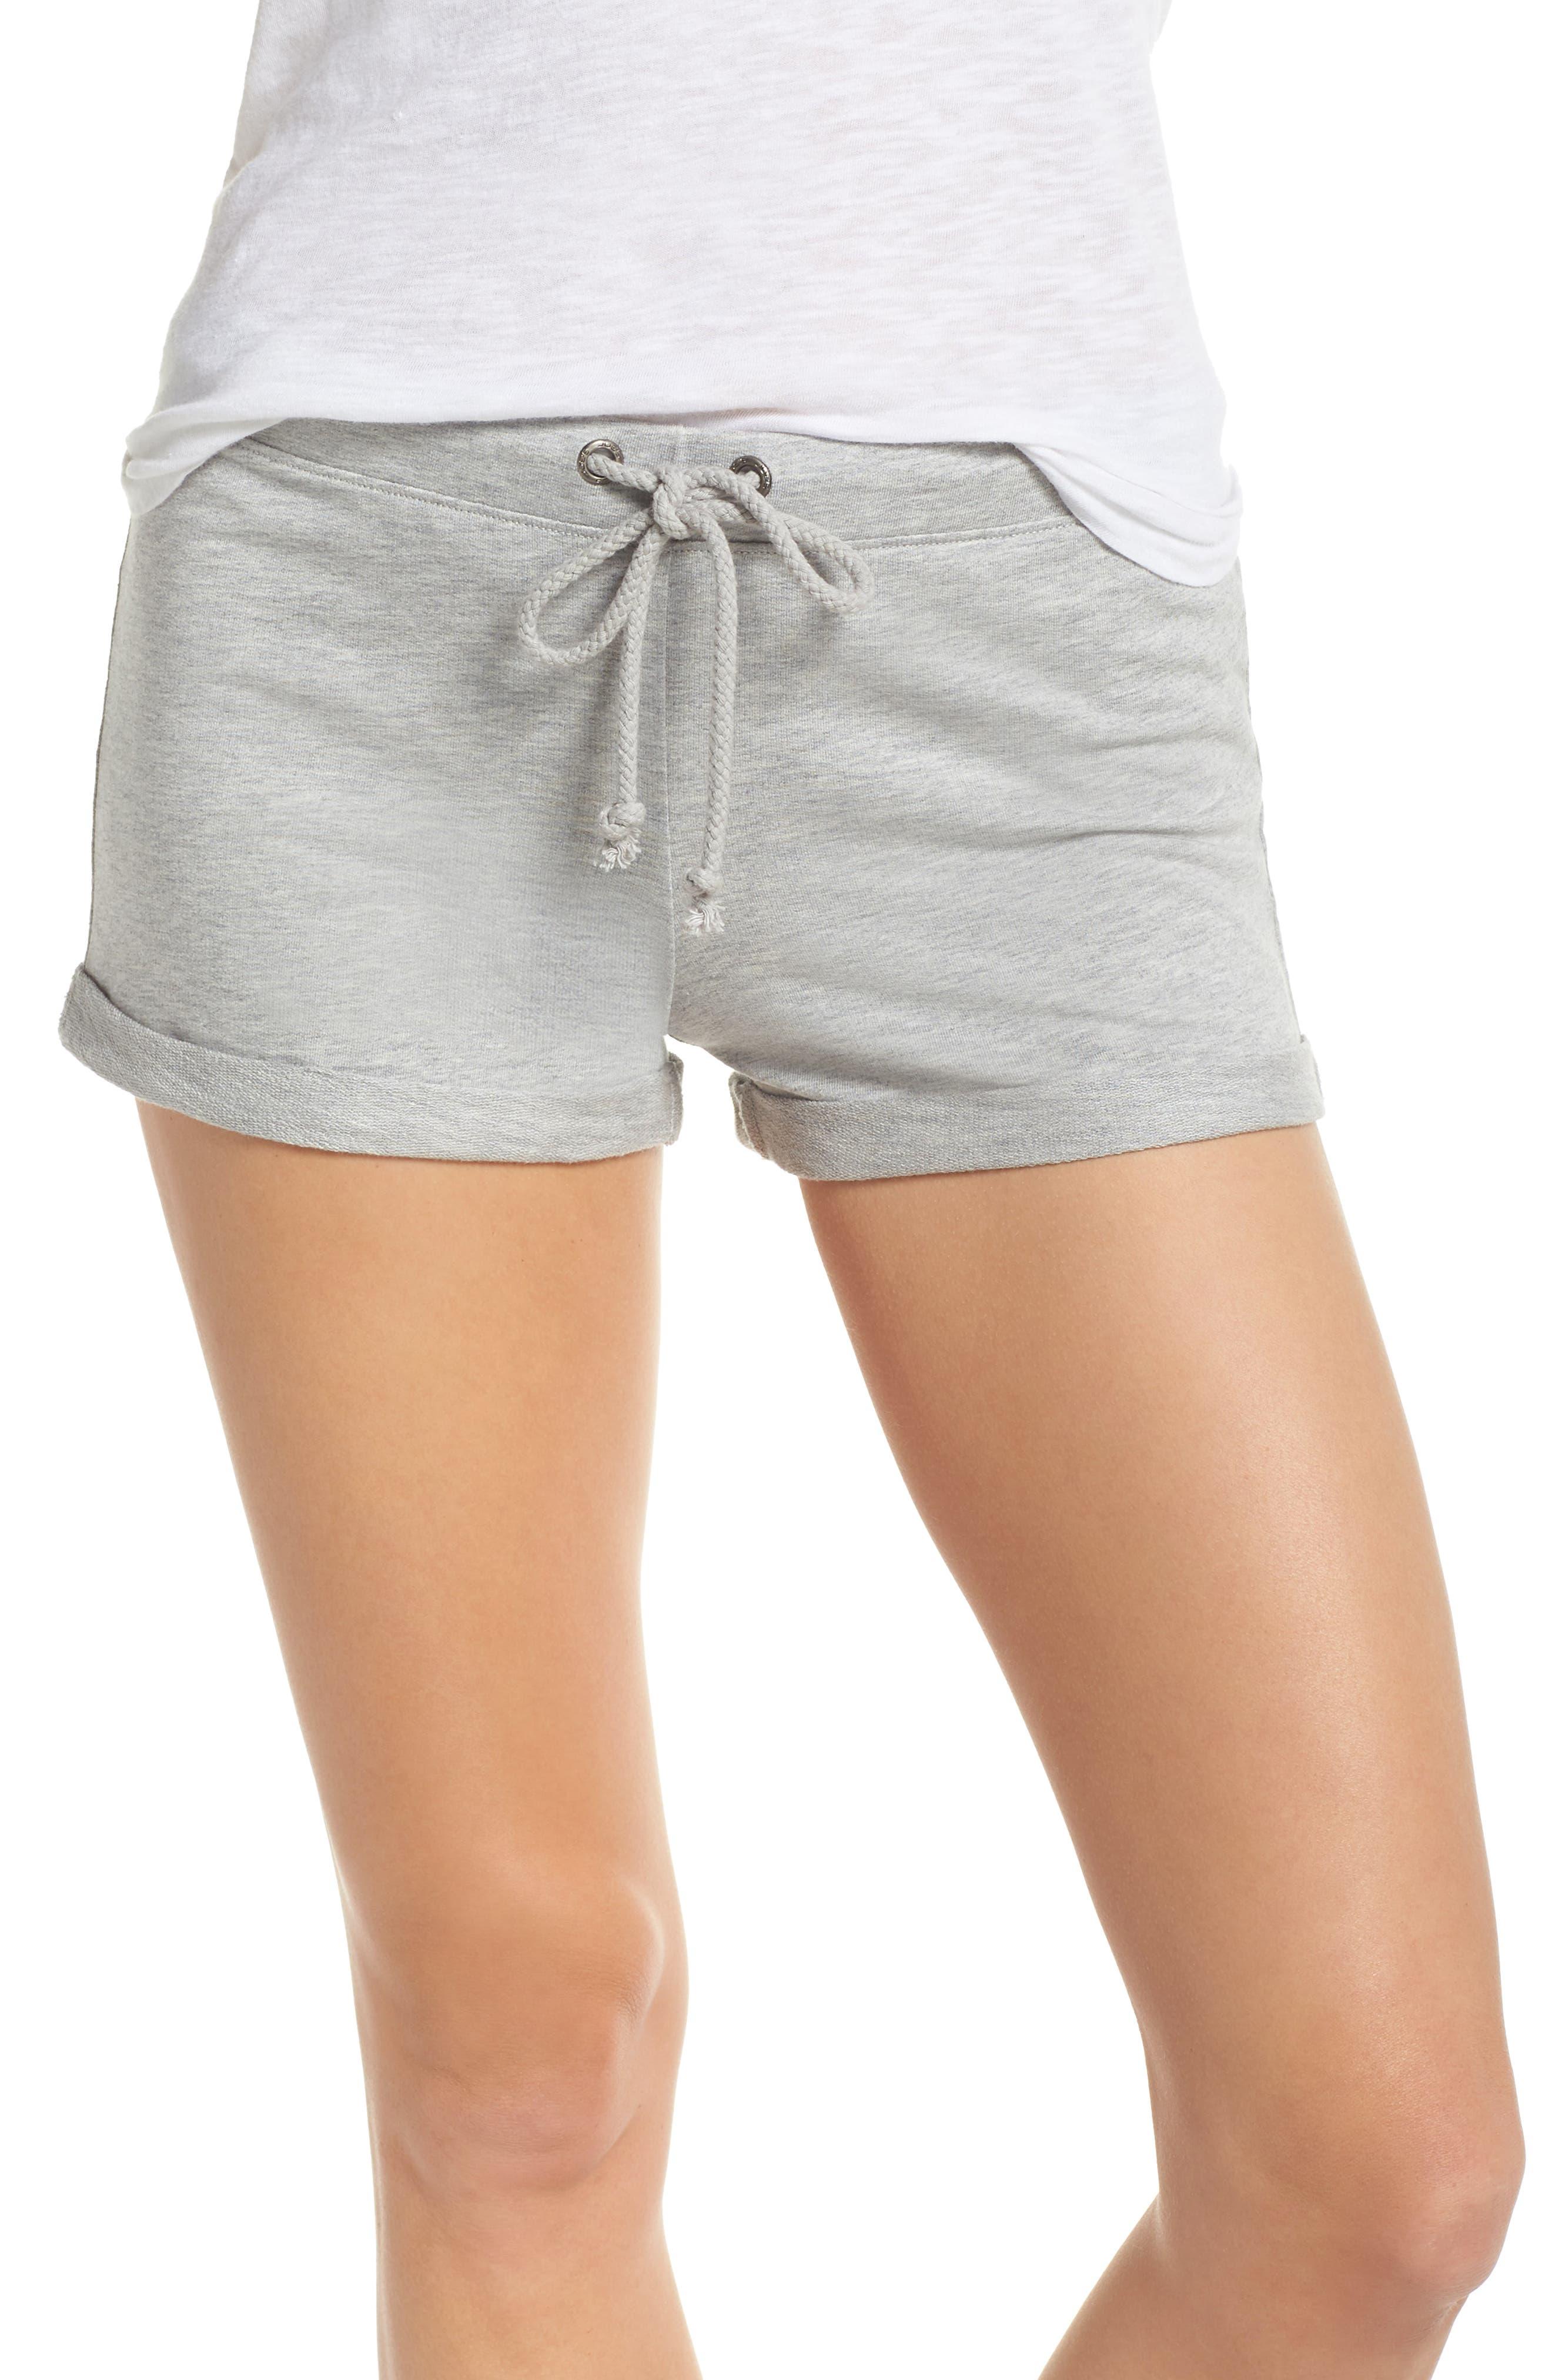 Joe's French Terry Shorts